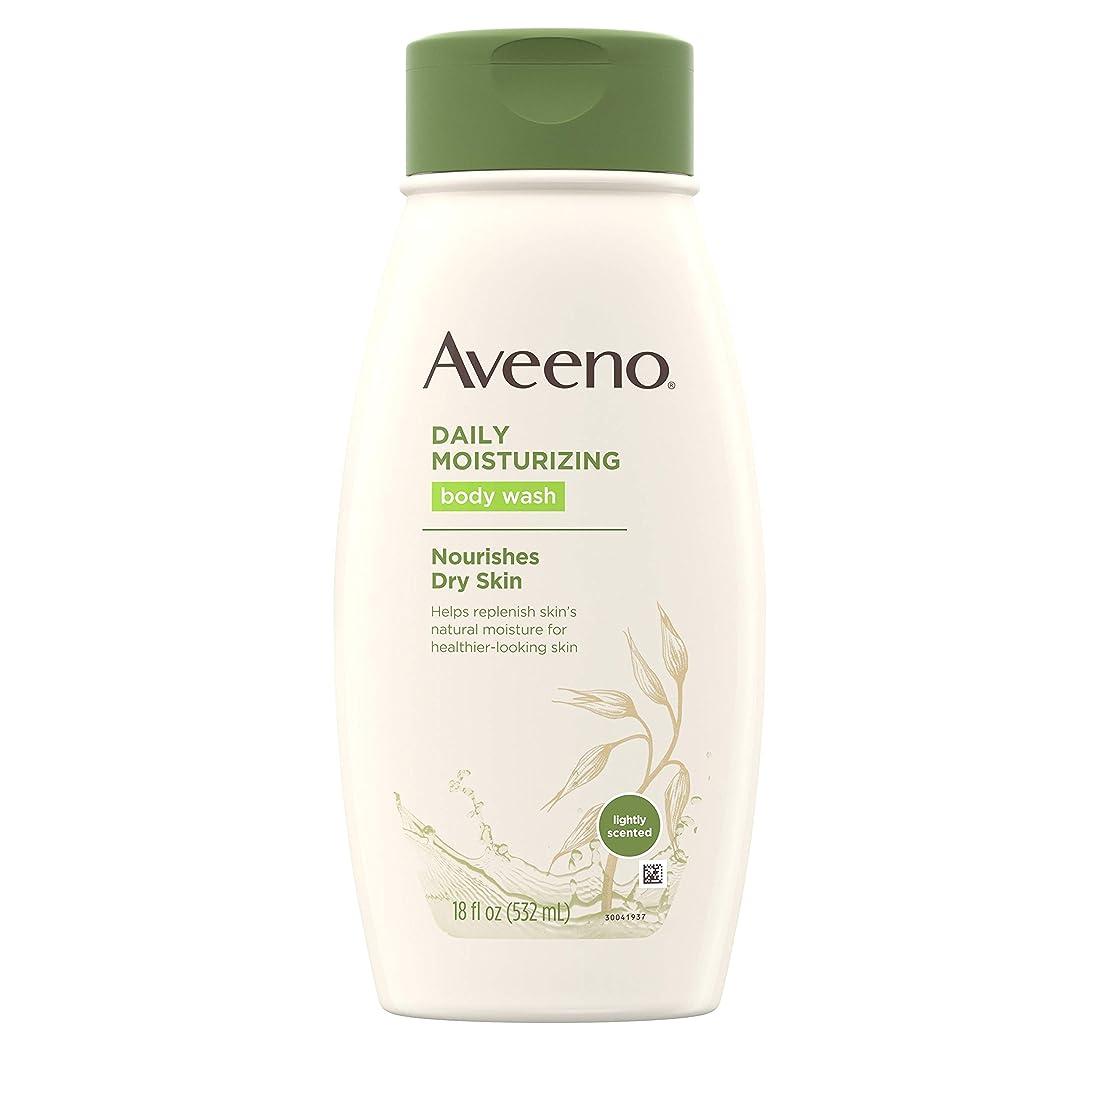 背骨の量価値Aveeno Daily Moisturizing Body Wash - 18 Oz by Aveeno